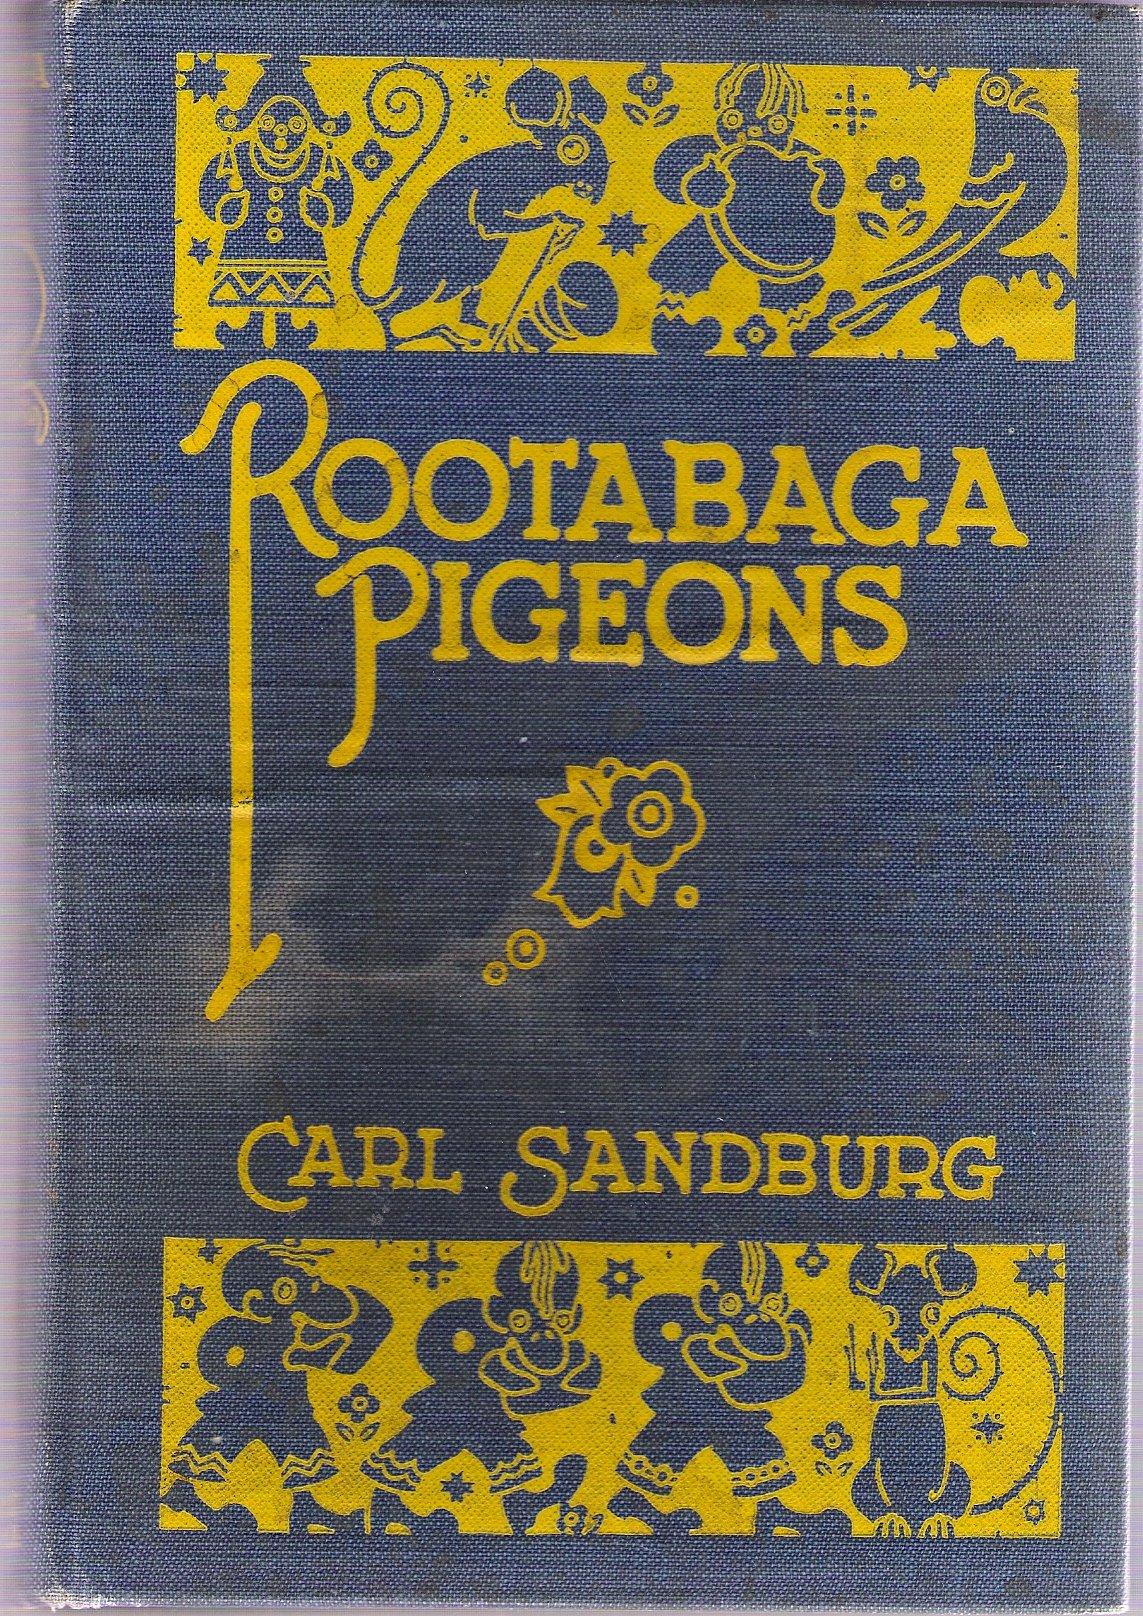 Rootabaga Pigeons, Carl Sandburg